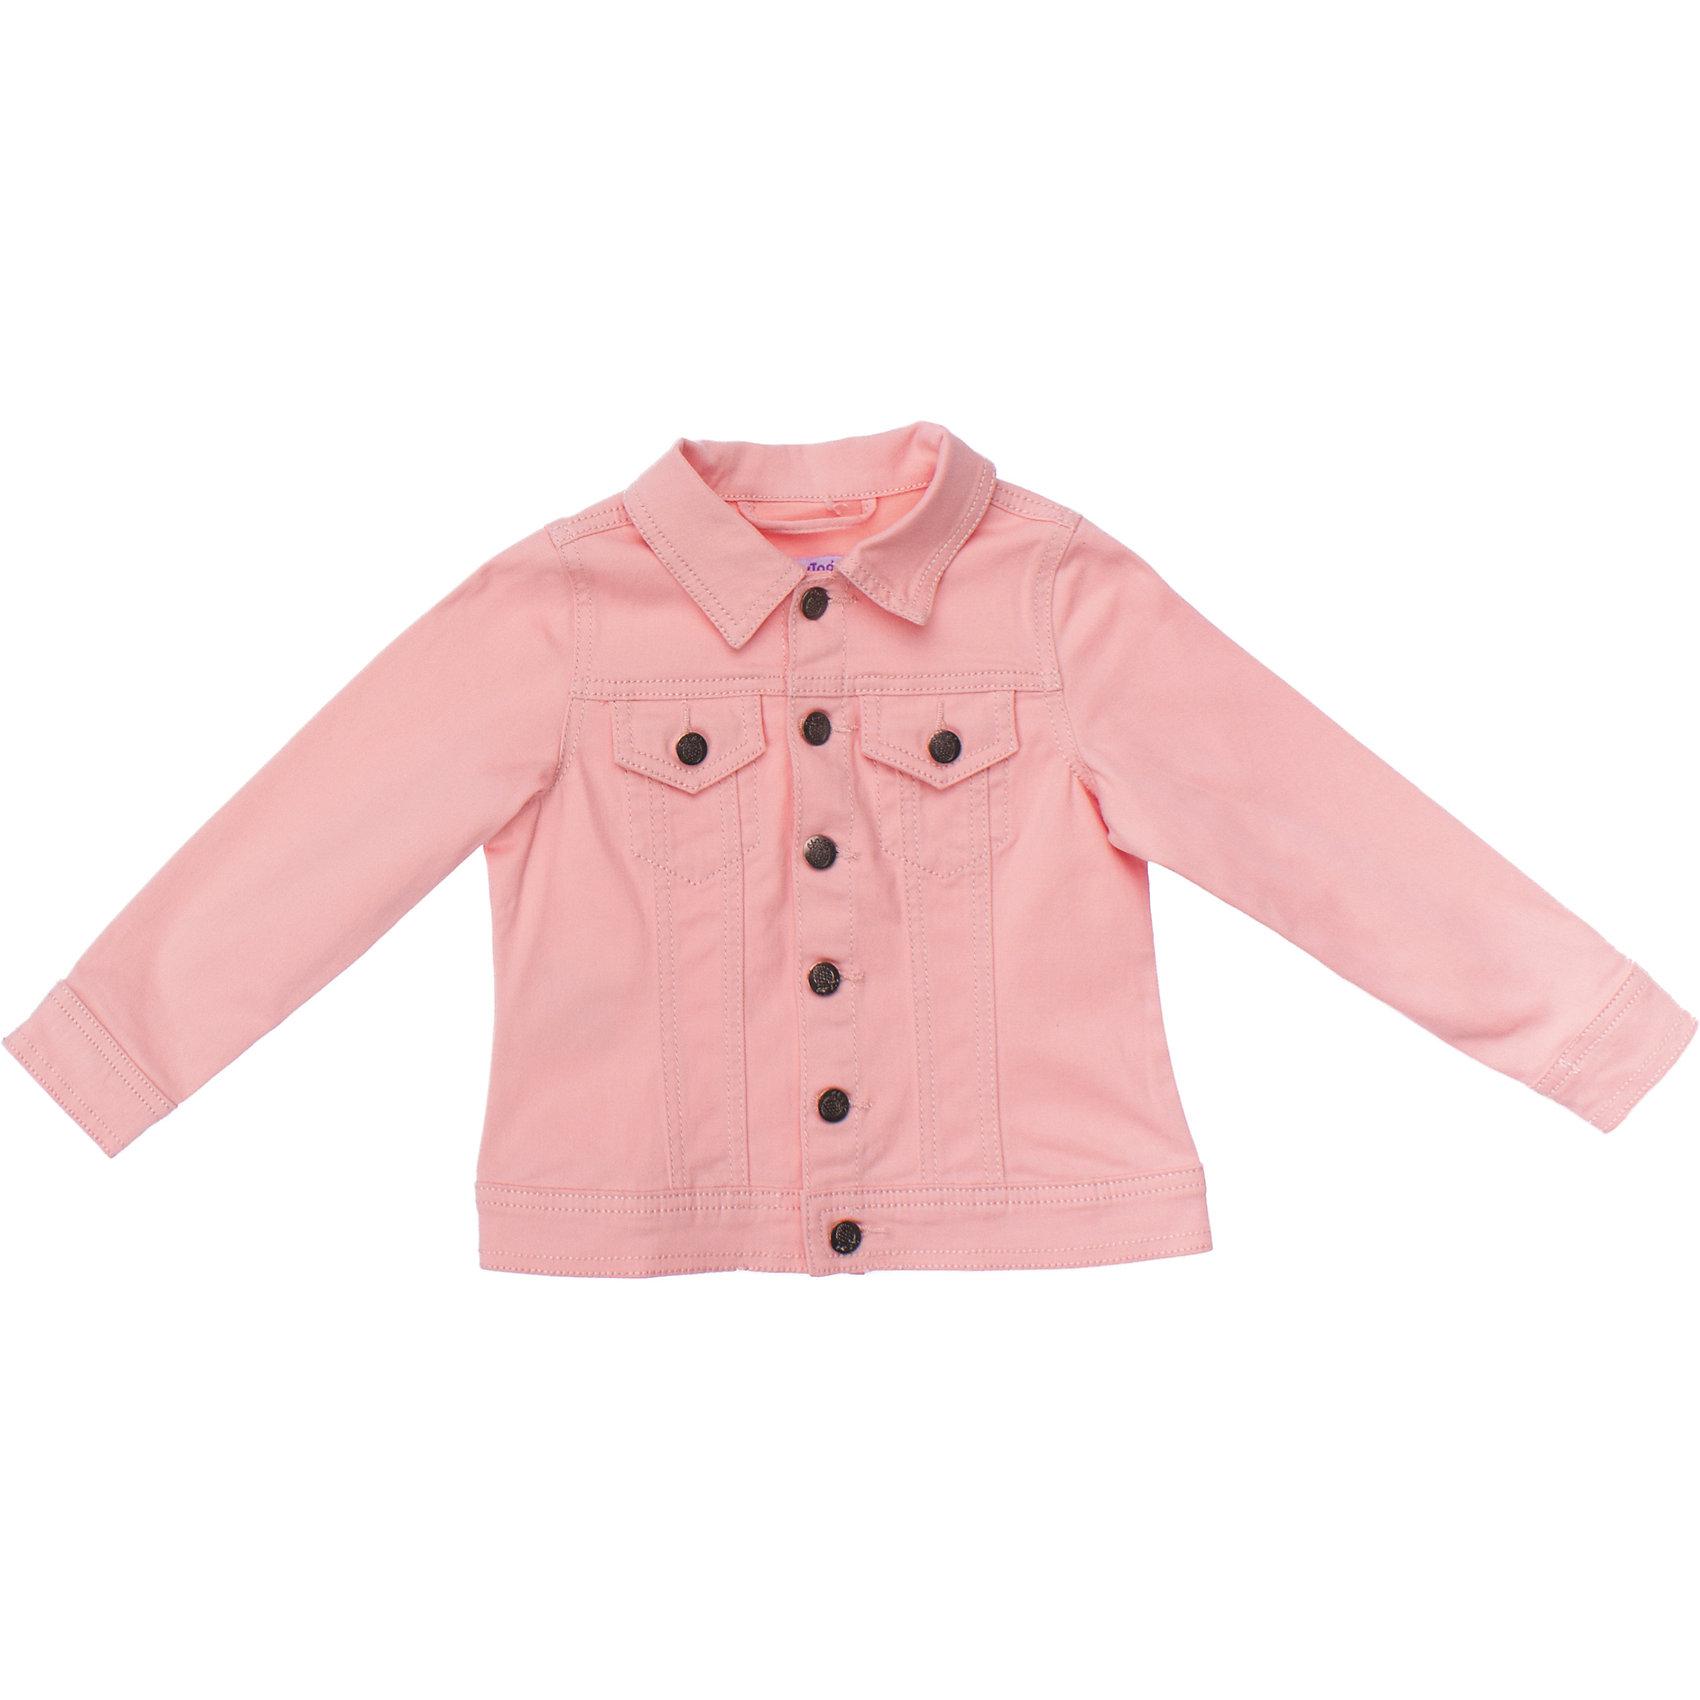 Куртка джинсовая для девочки PlayTodayДжинсовая одежда<br>Нежная джинсовая куртка клубнично-розового цвета. Застегивается на металлические пуговки с ягодками. На груди два кармашка. Состав: 98% хлопок, 2% эластан<br><br>Ширина мм: 356<br>Глубина мм: 10<br>Высота мм: 245<br>Вес г: 519<br>Цвет: розовый<br>Возраст от месяцев: 72<br>Возраст до месяцев: 84<br>Пол: Женский<br>Возраст: Детский<br>Размер: 122,98,116,110,104,128<br>SKU: 4652595